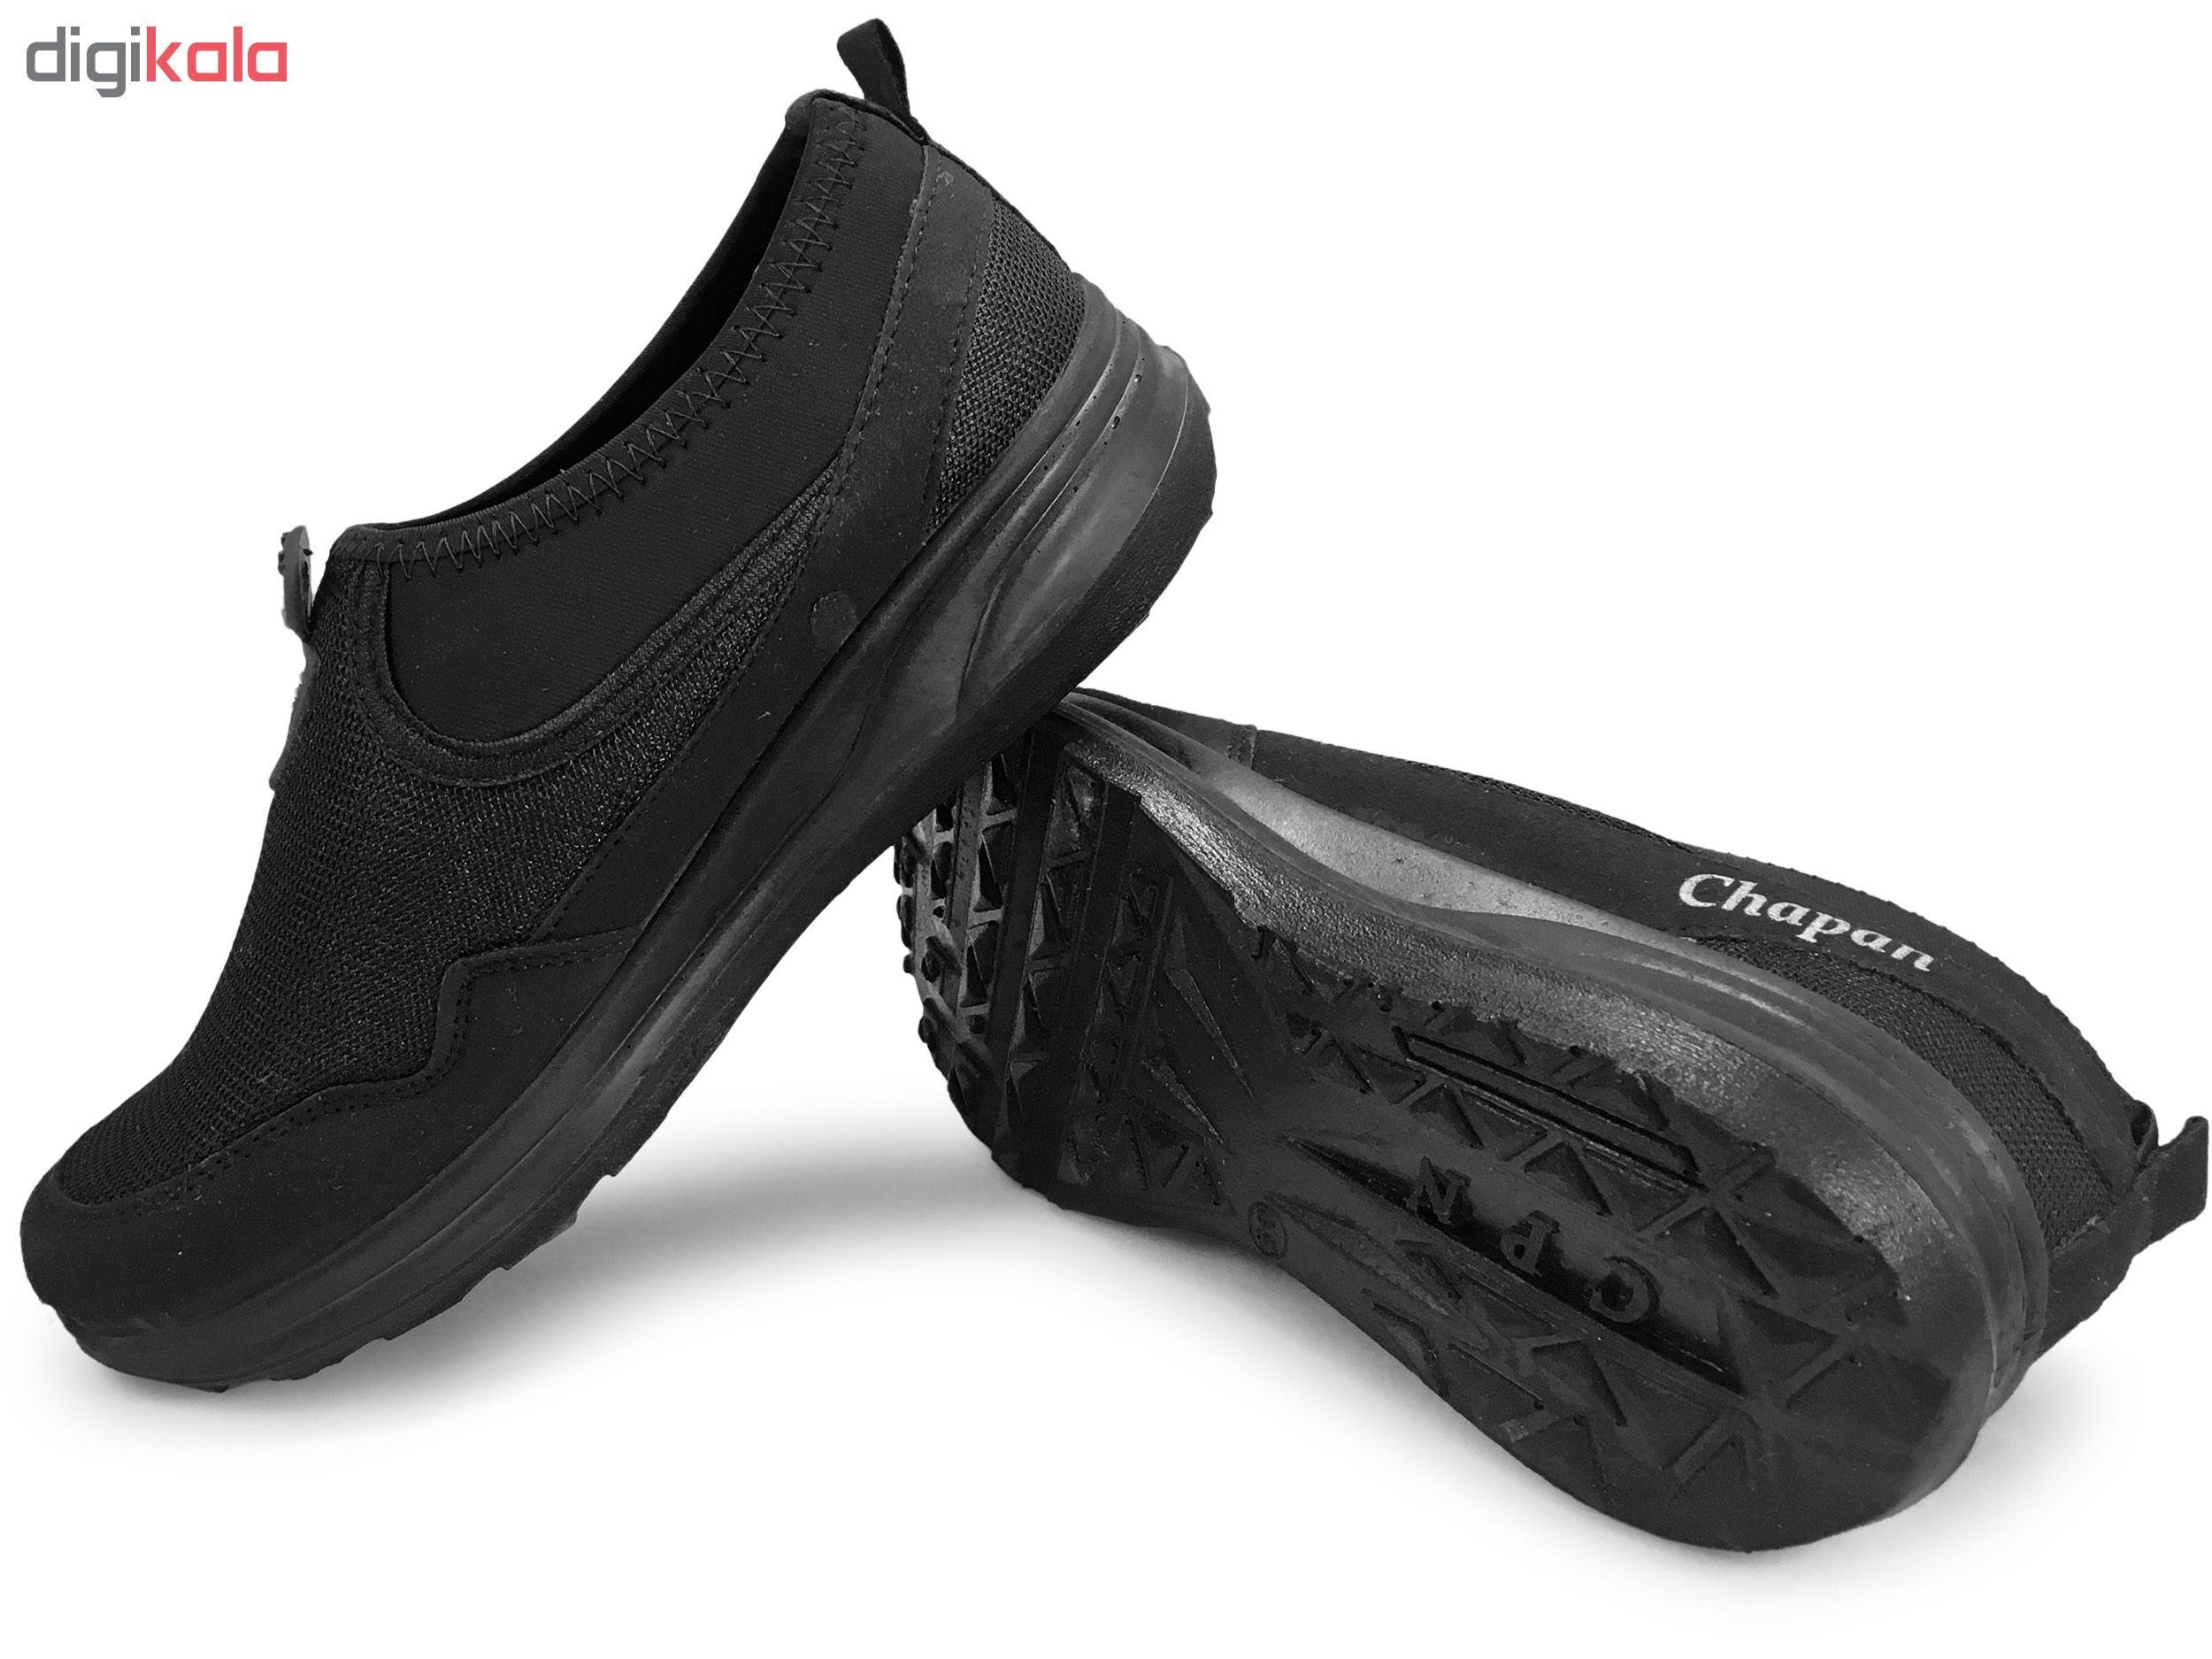 کفش مخصوص پیاده روی زنانه چپان کد 3665 main 1 5